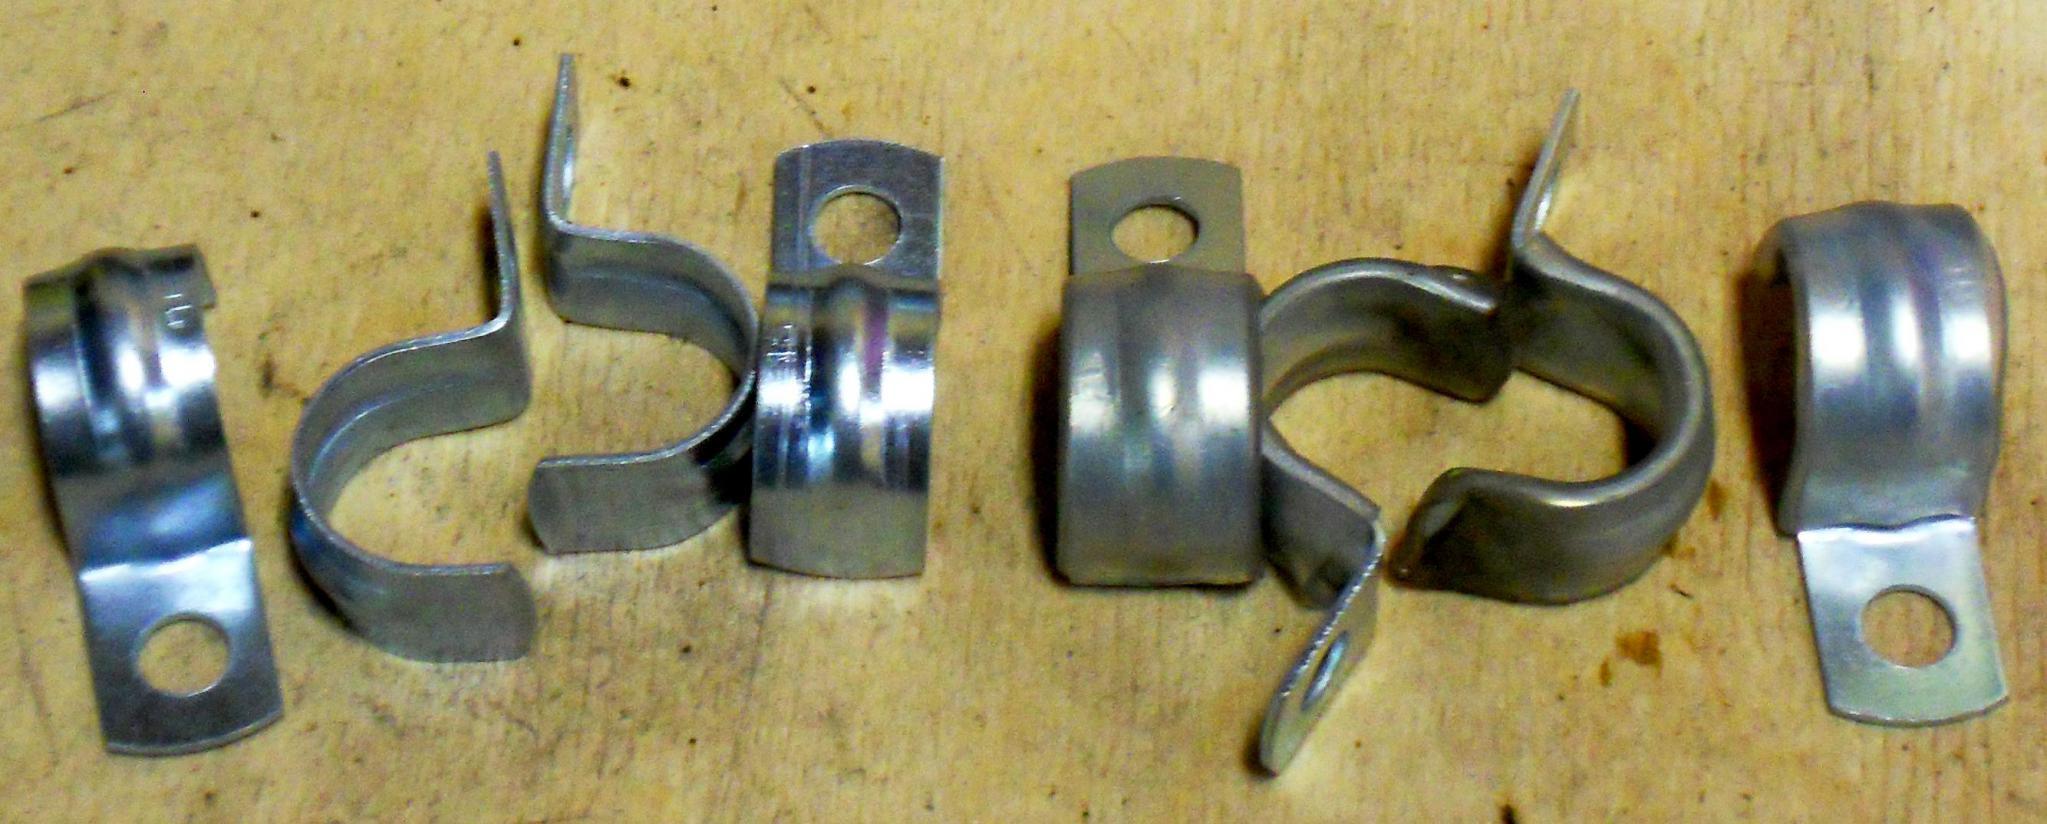 кабеледержатели», винты диаметром 5х15мм, сверло 4,5-4,9мм, метчик М5 и пару капель моторного или трансмиссионного масла